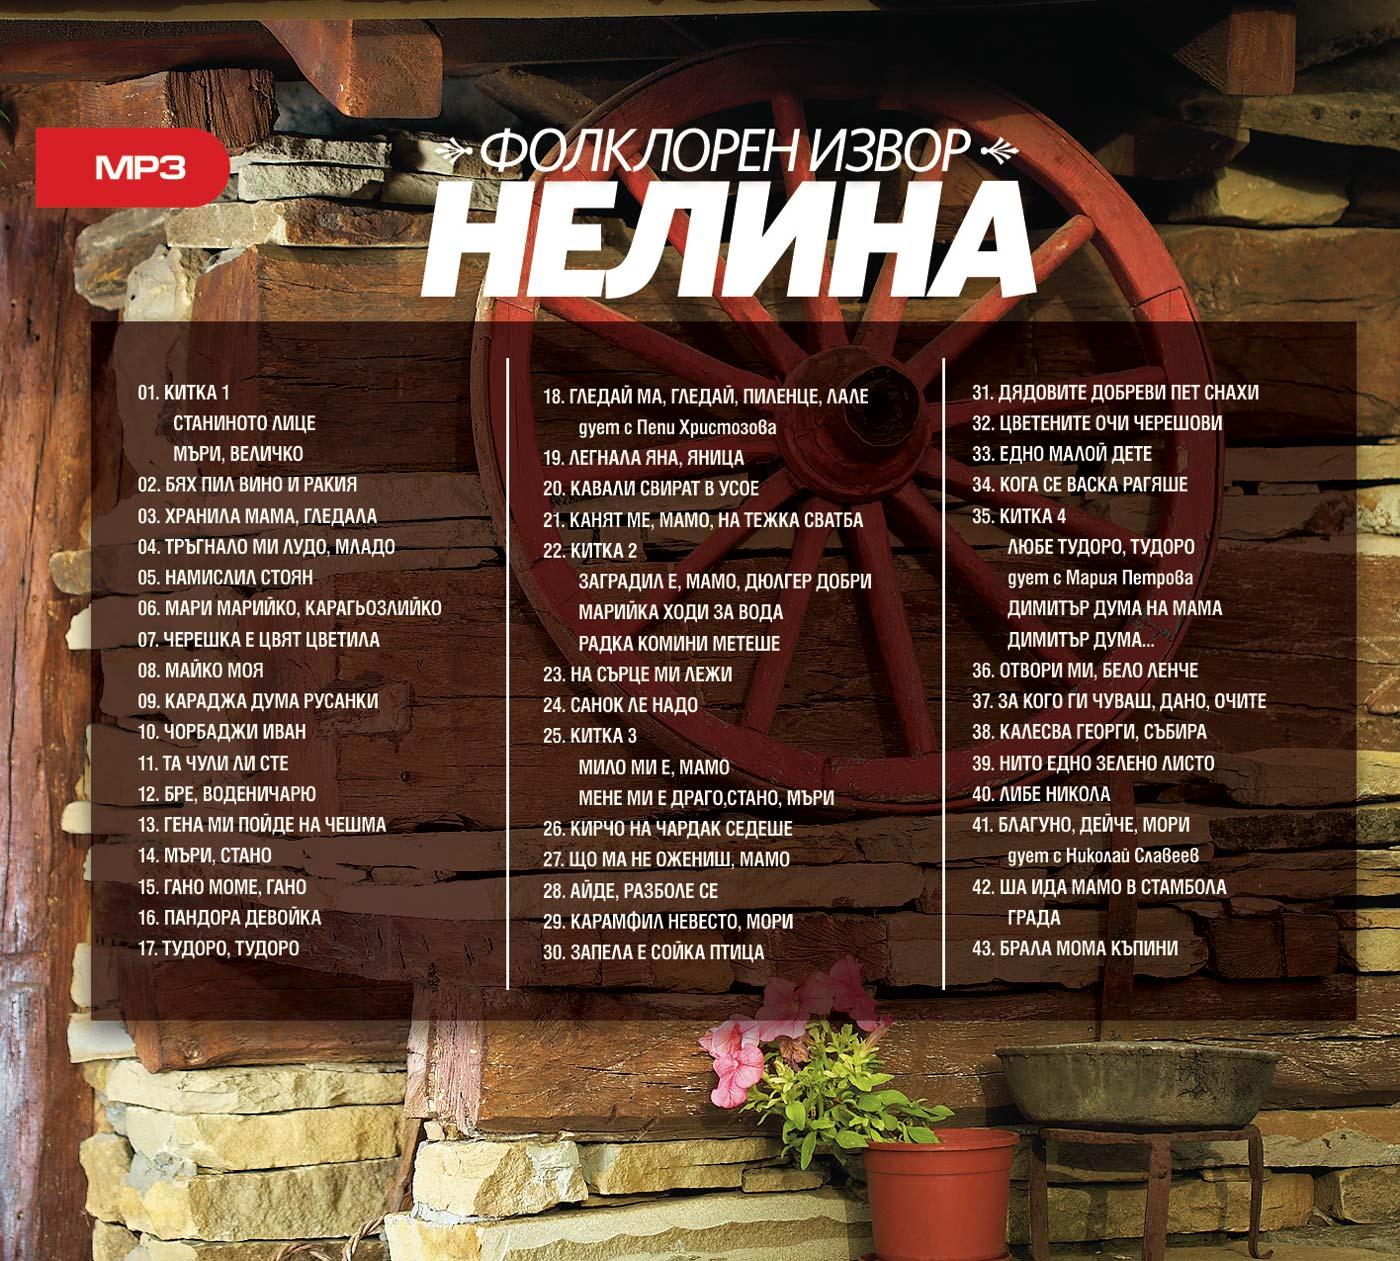 български македонски песни mp3